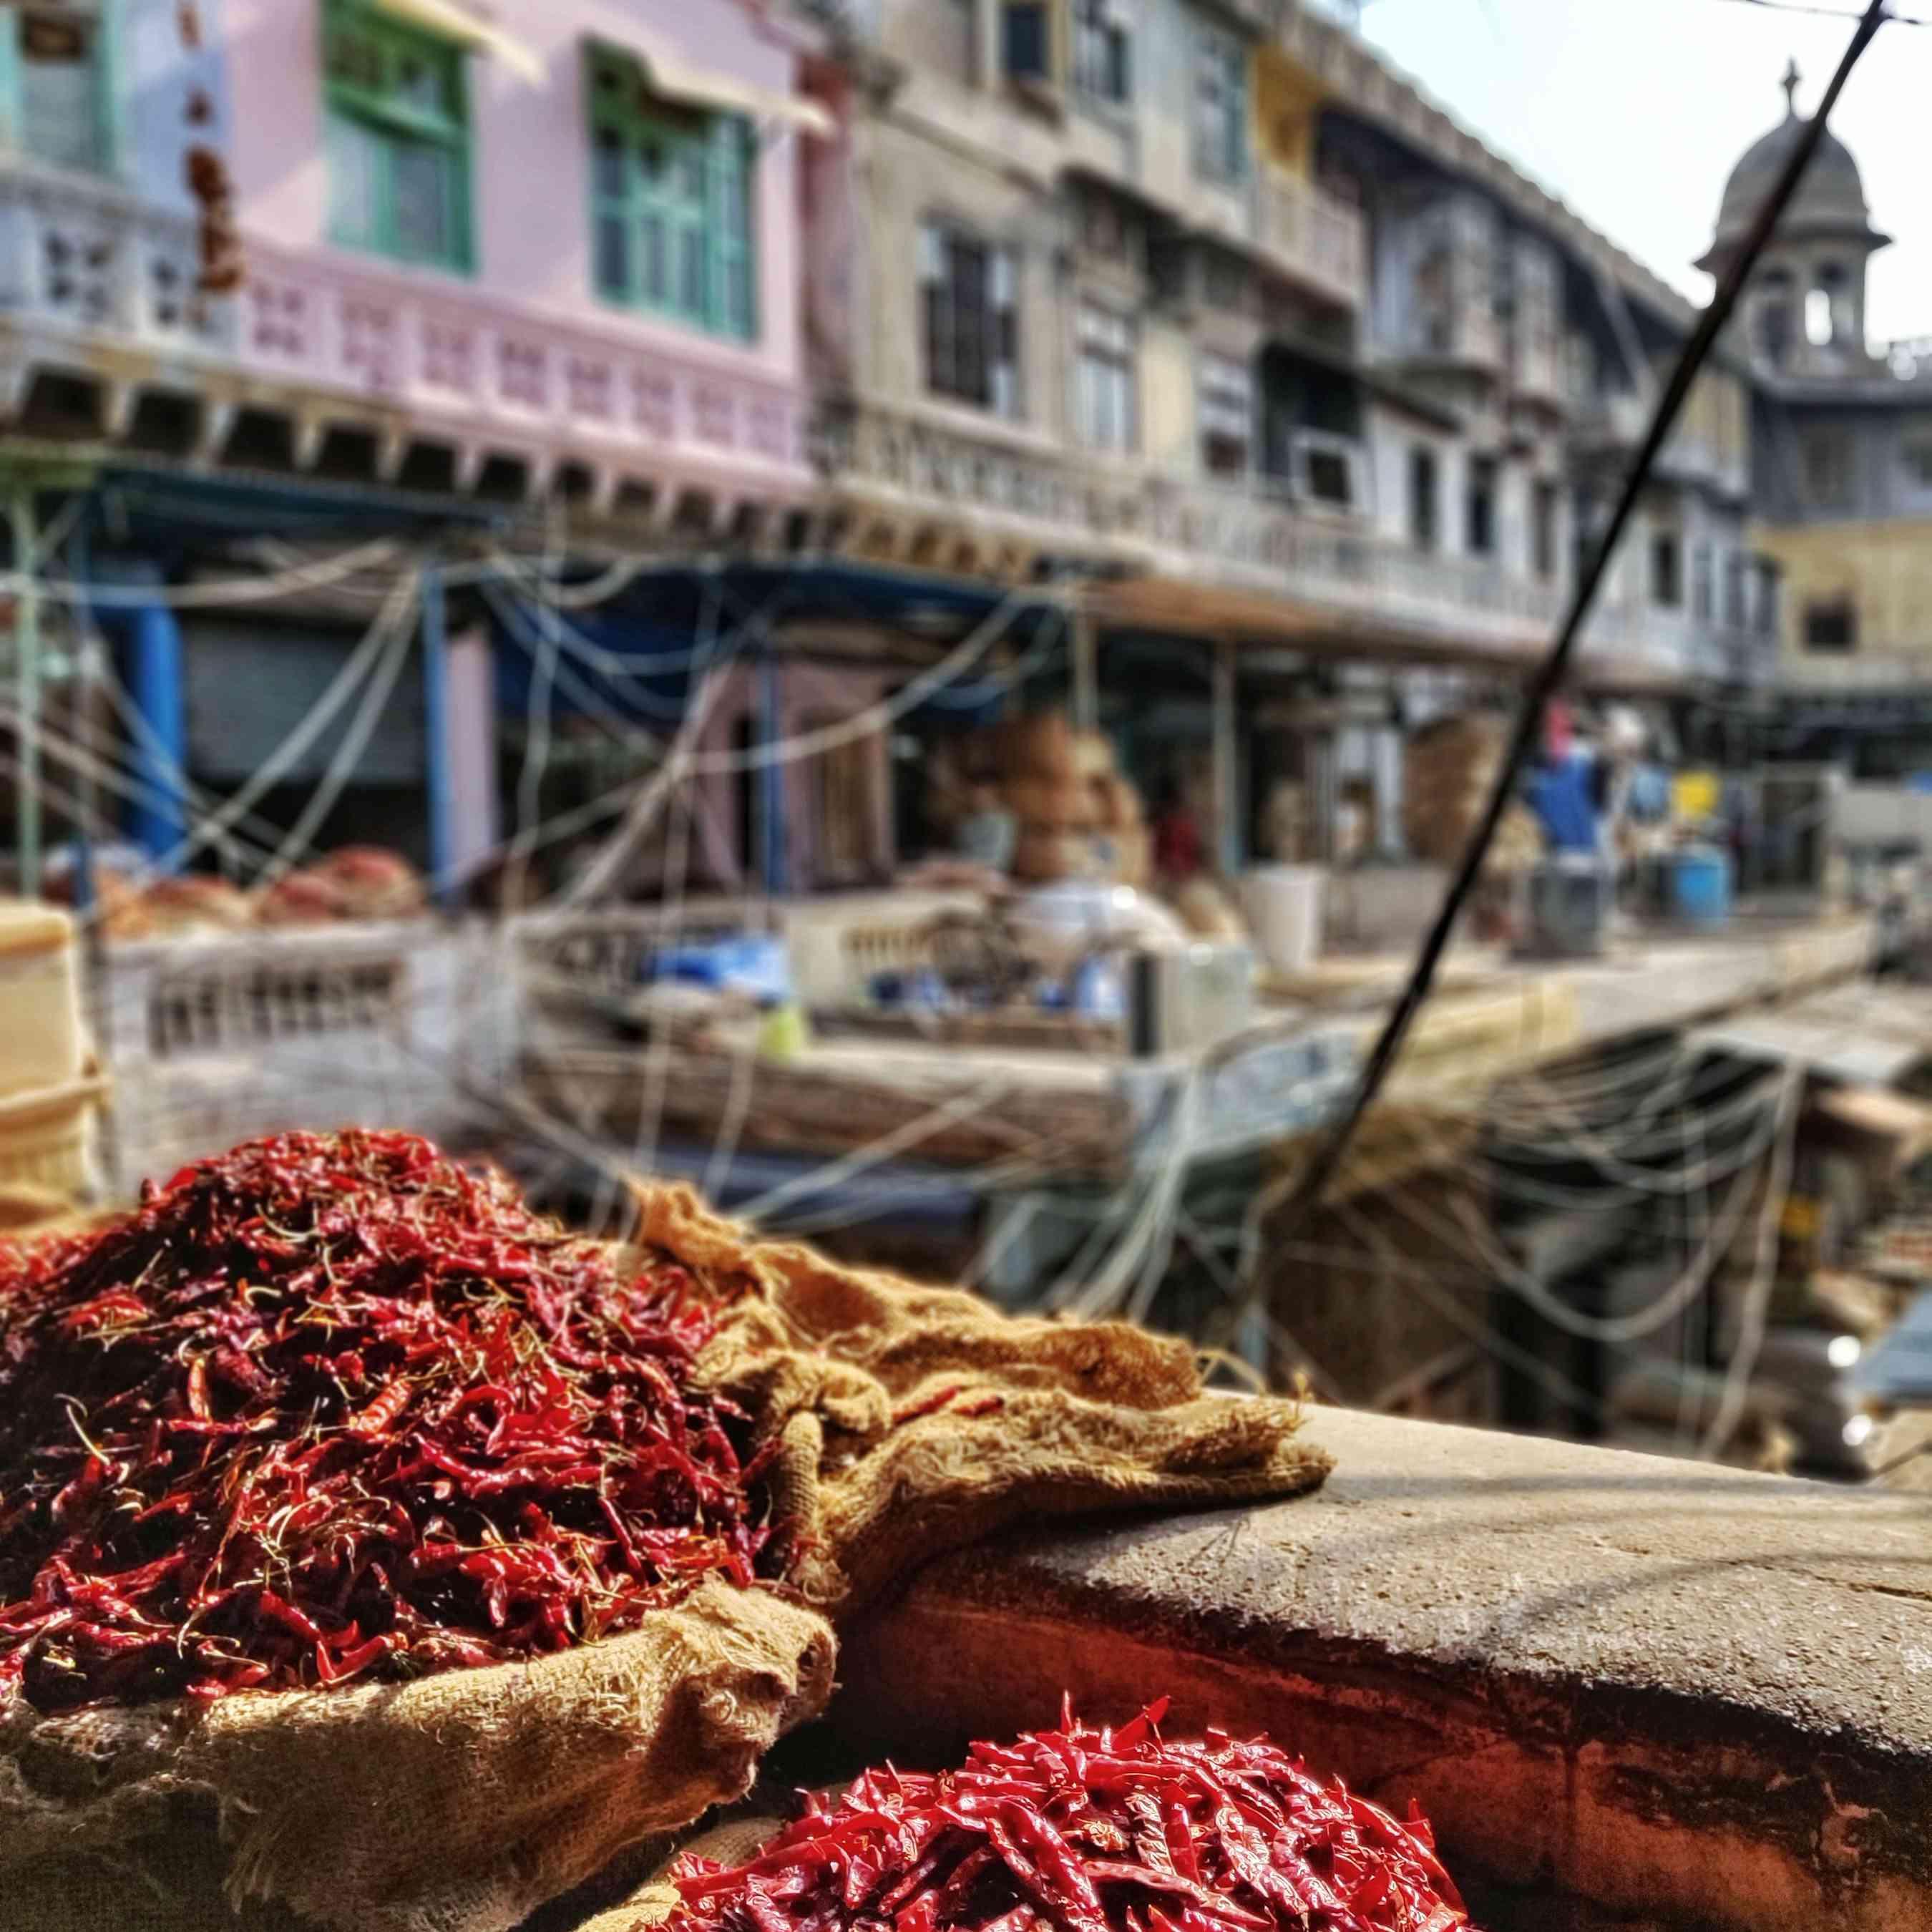 Mercado de especias Chandni Chowk